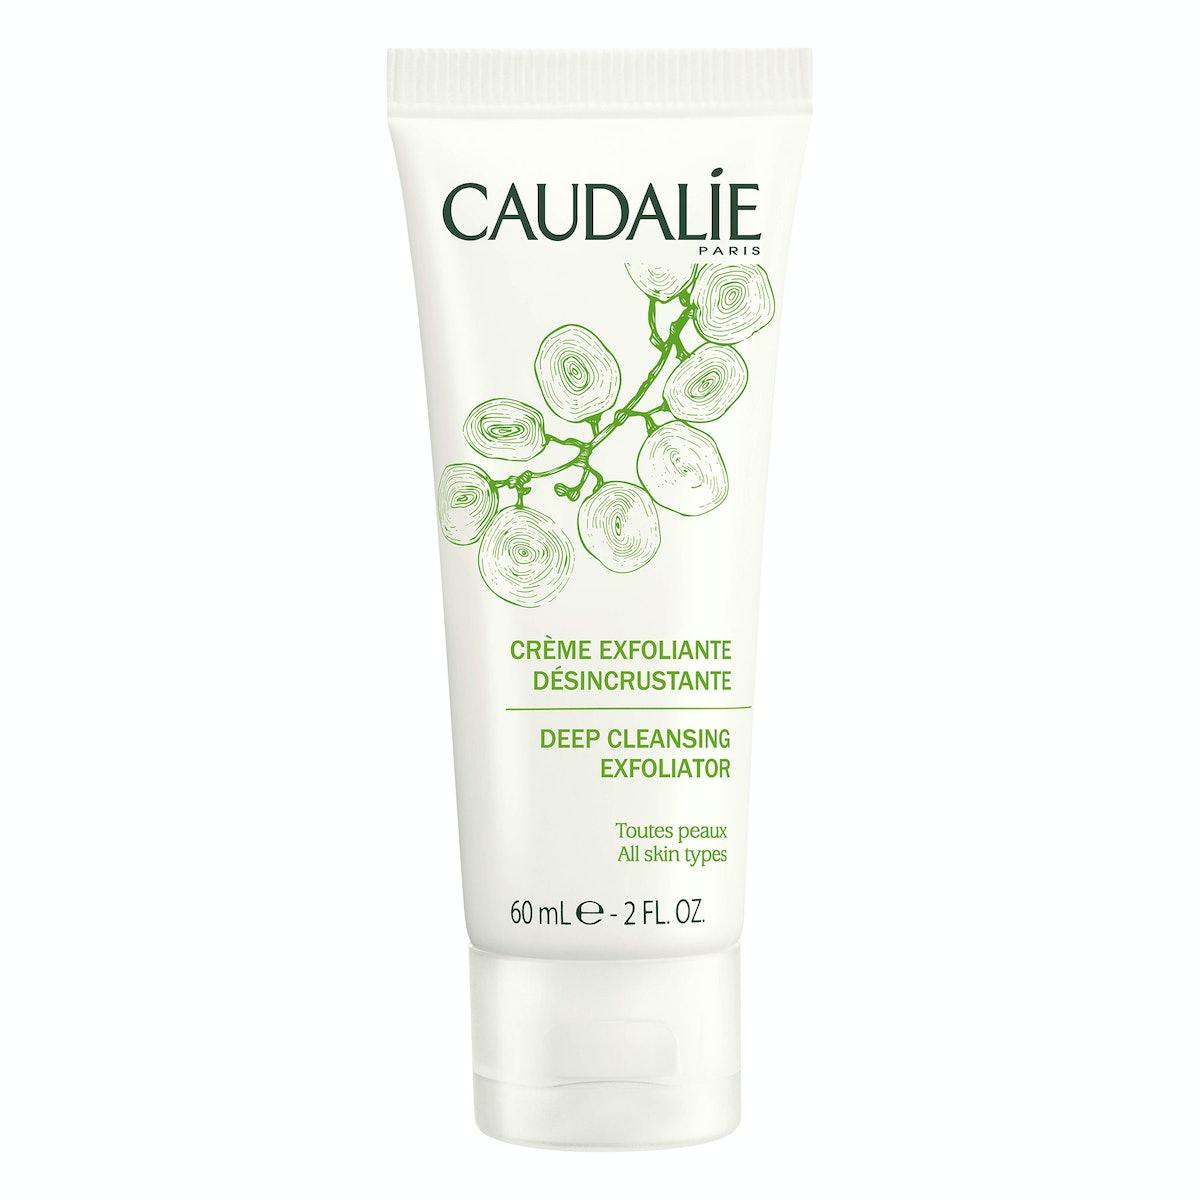 Caudalie Deep Cleansing Exfoliato